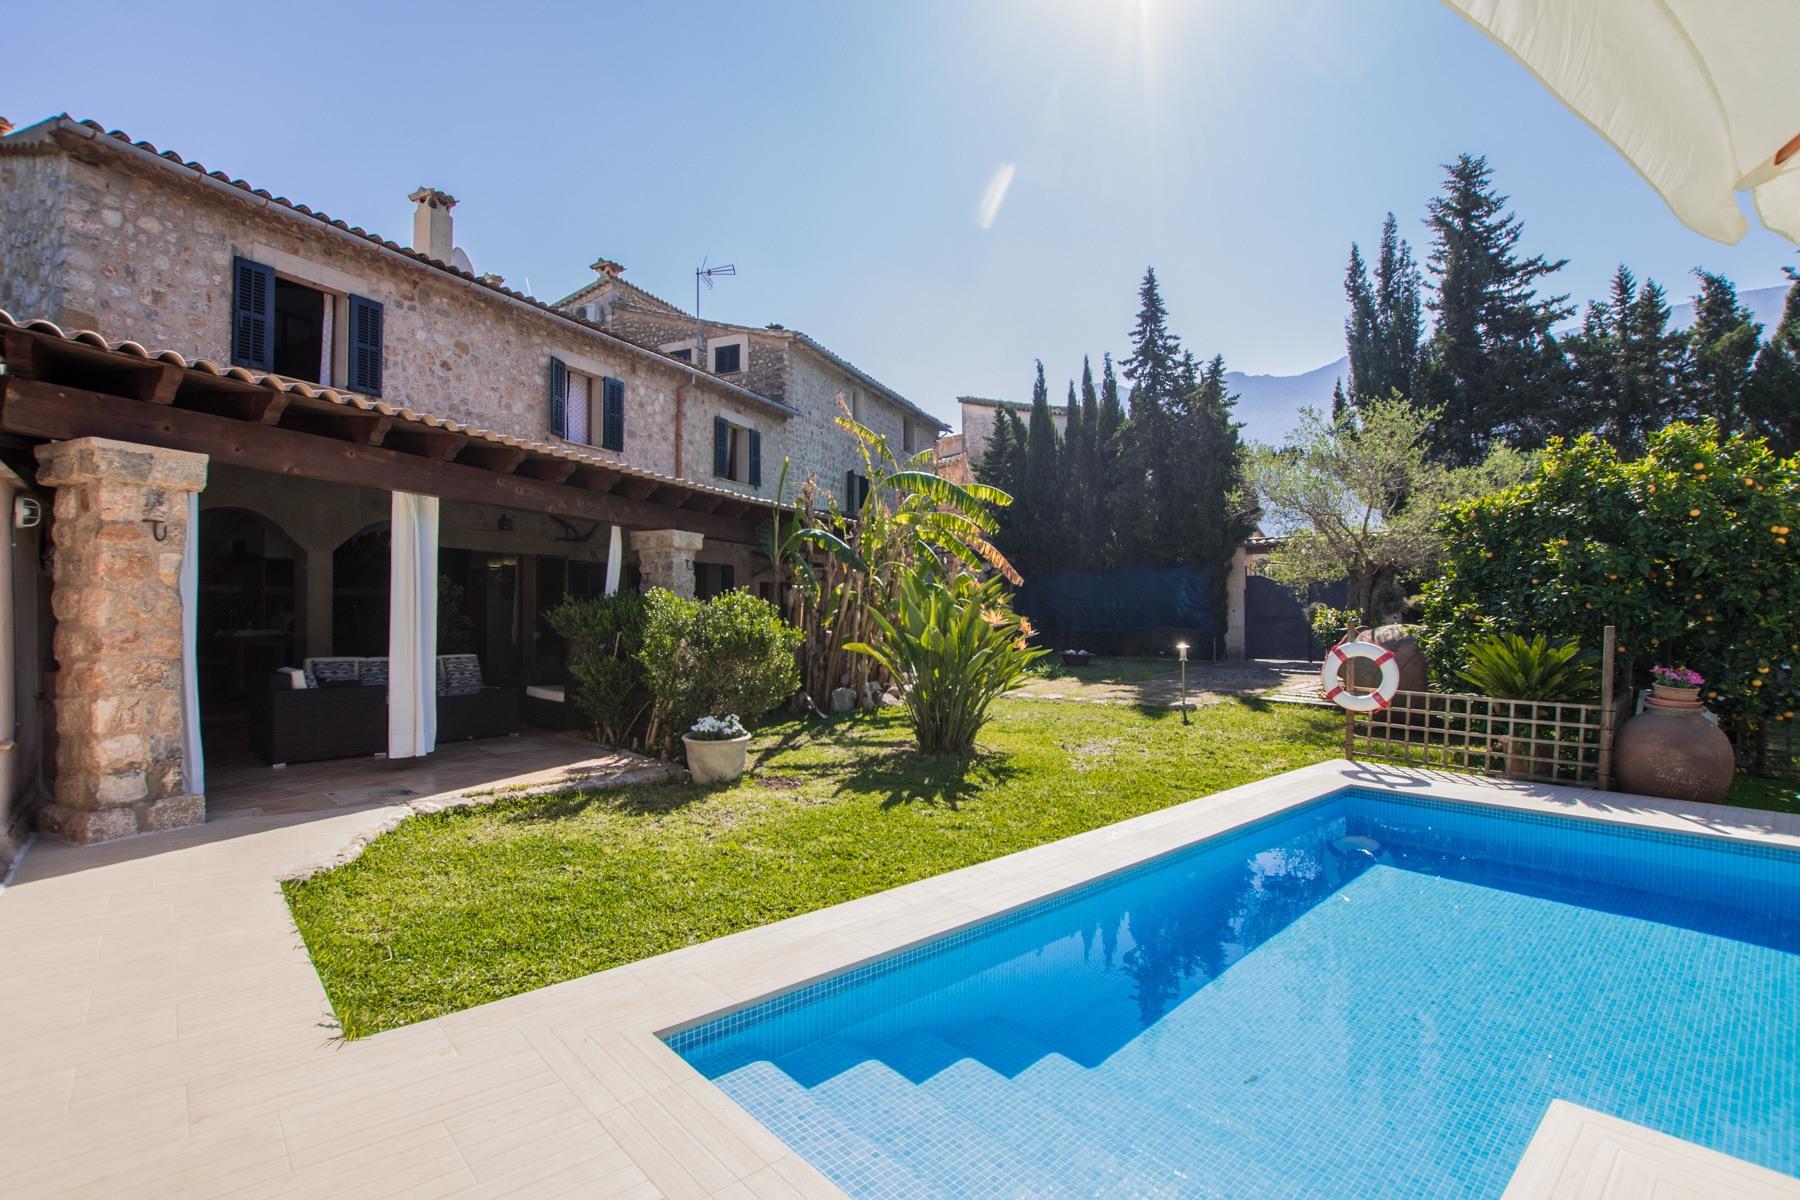 Villa con piscina y magnifico jardín en zona soleada de Soller